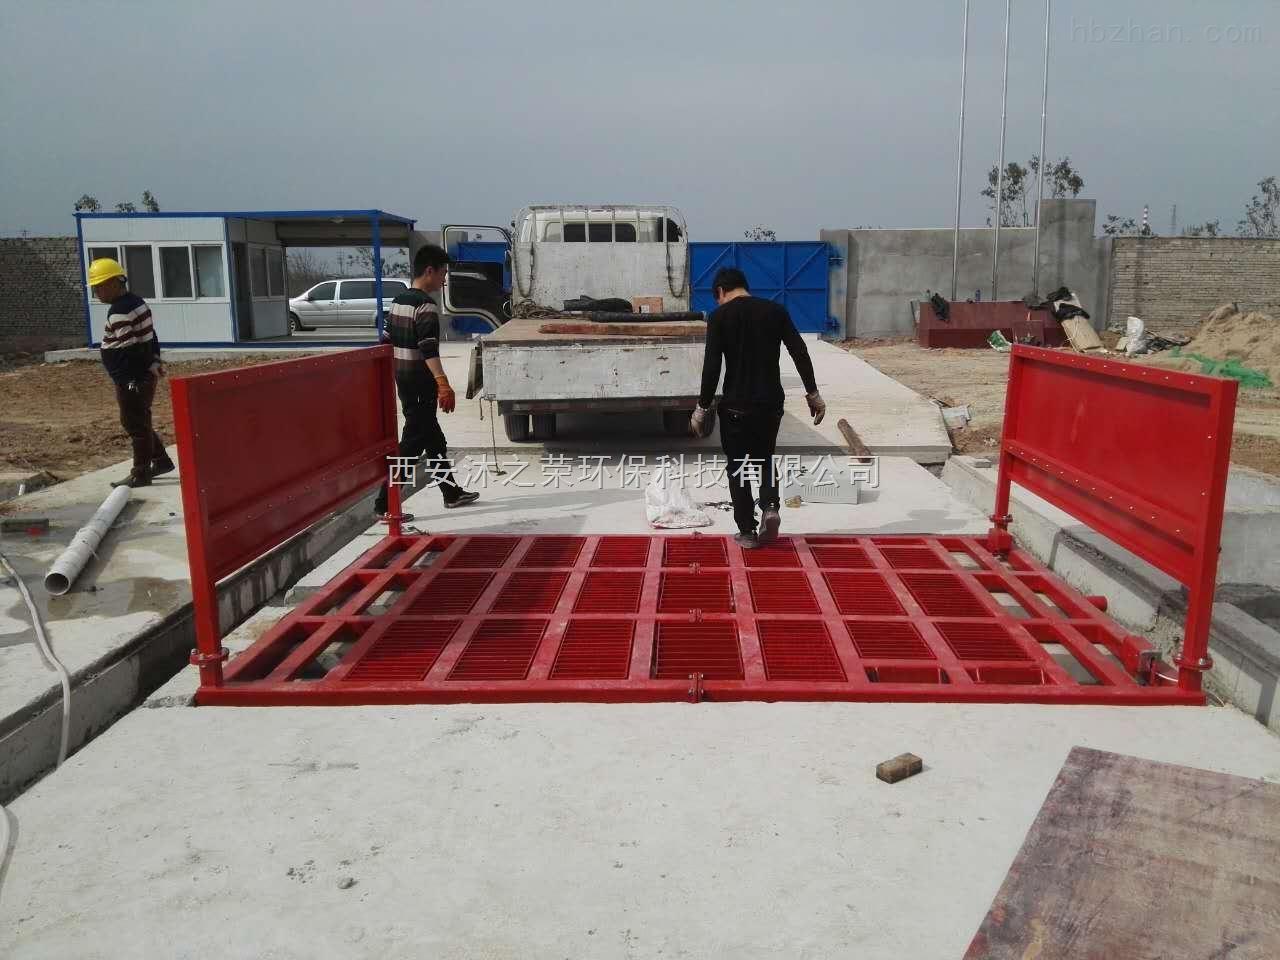 MR200-西安MZR建筑工程洗车台